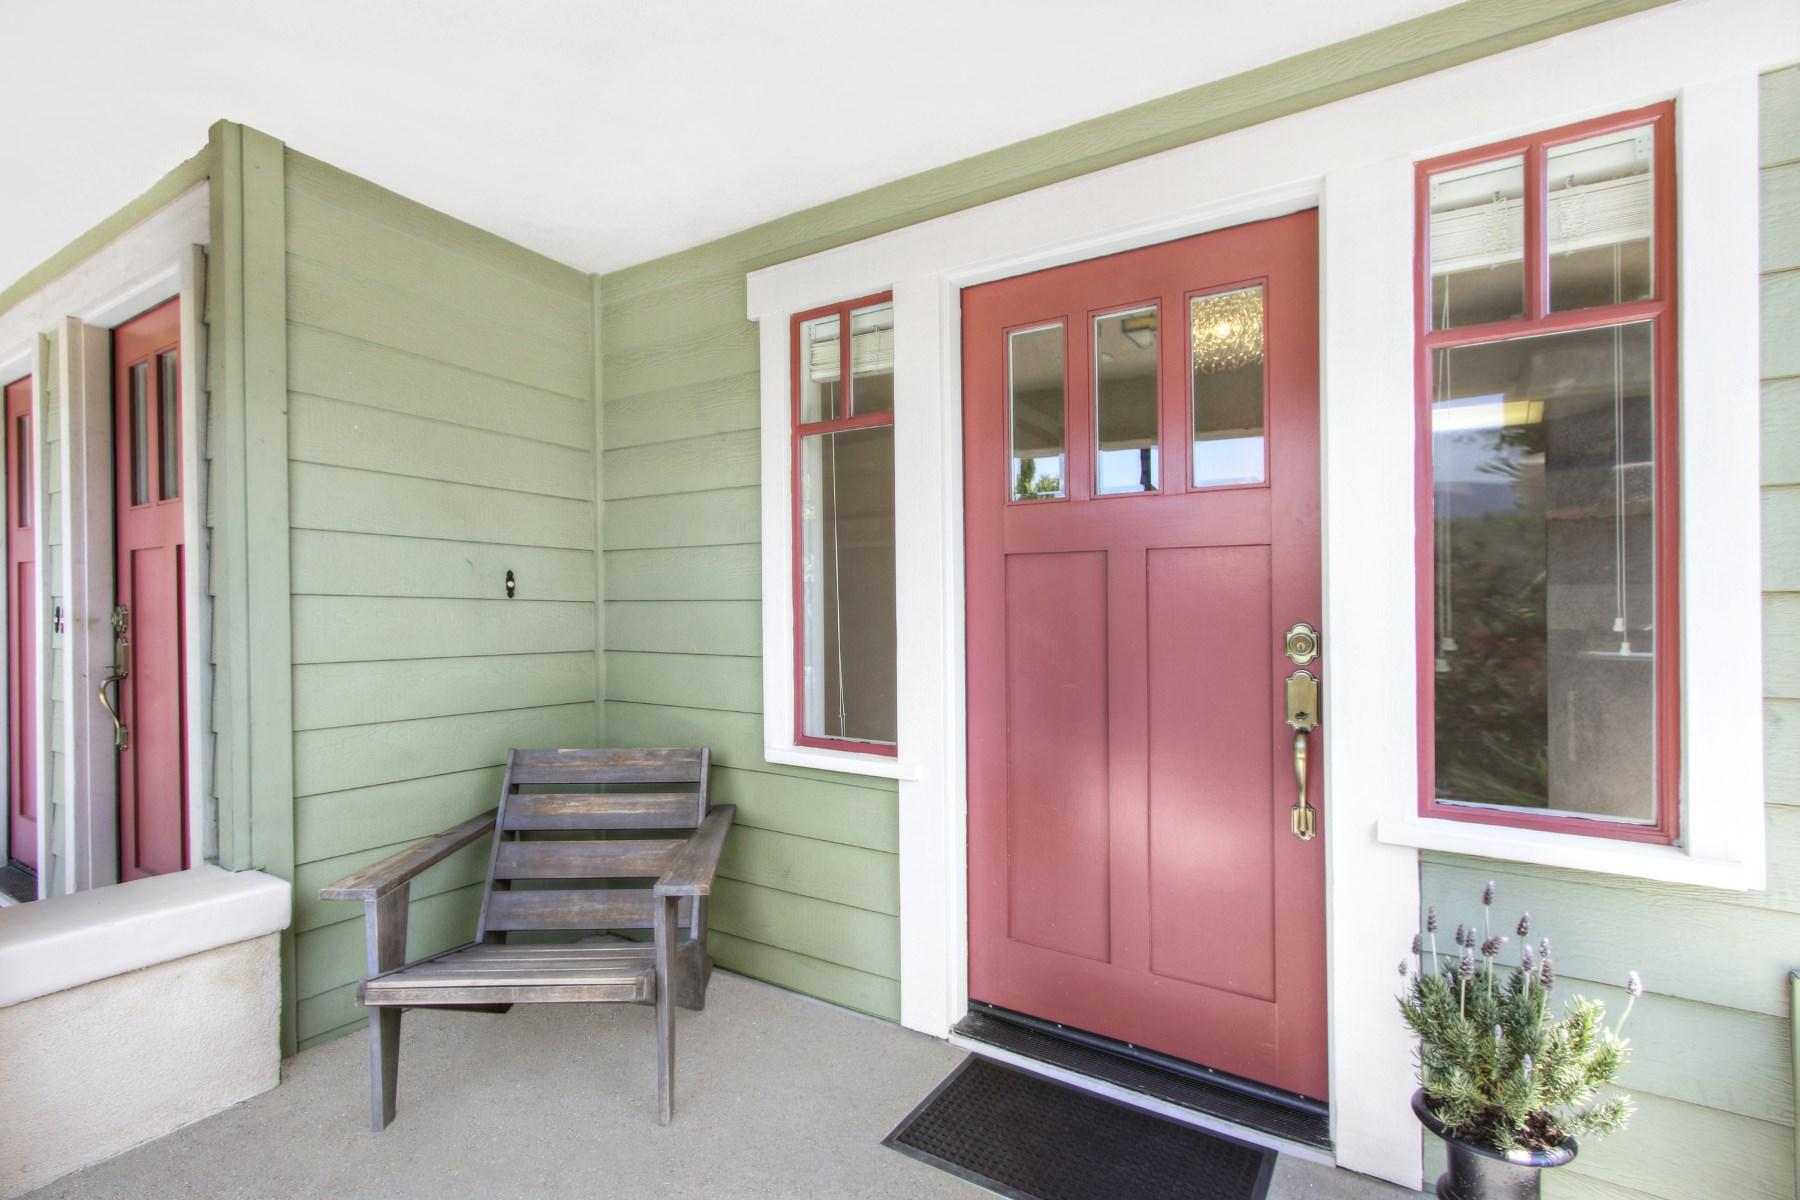 Частный односемейный дом для того Продажа на 1619 Rockwood Street Echo Park, Los Angeles, Калифорния, 90026 Соединенные Штаты